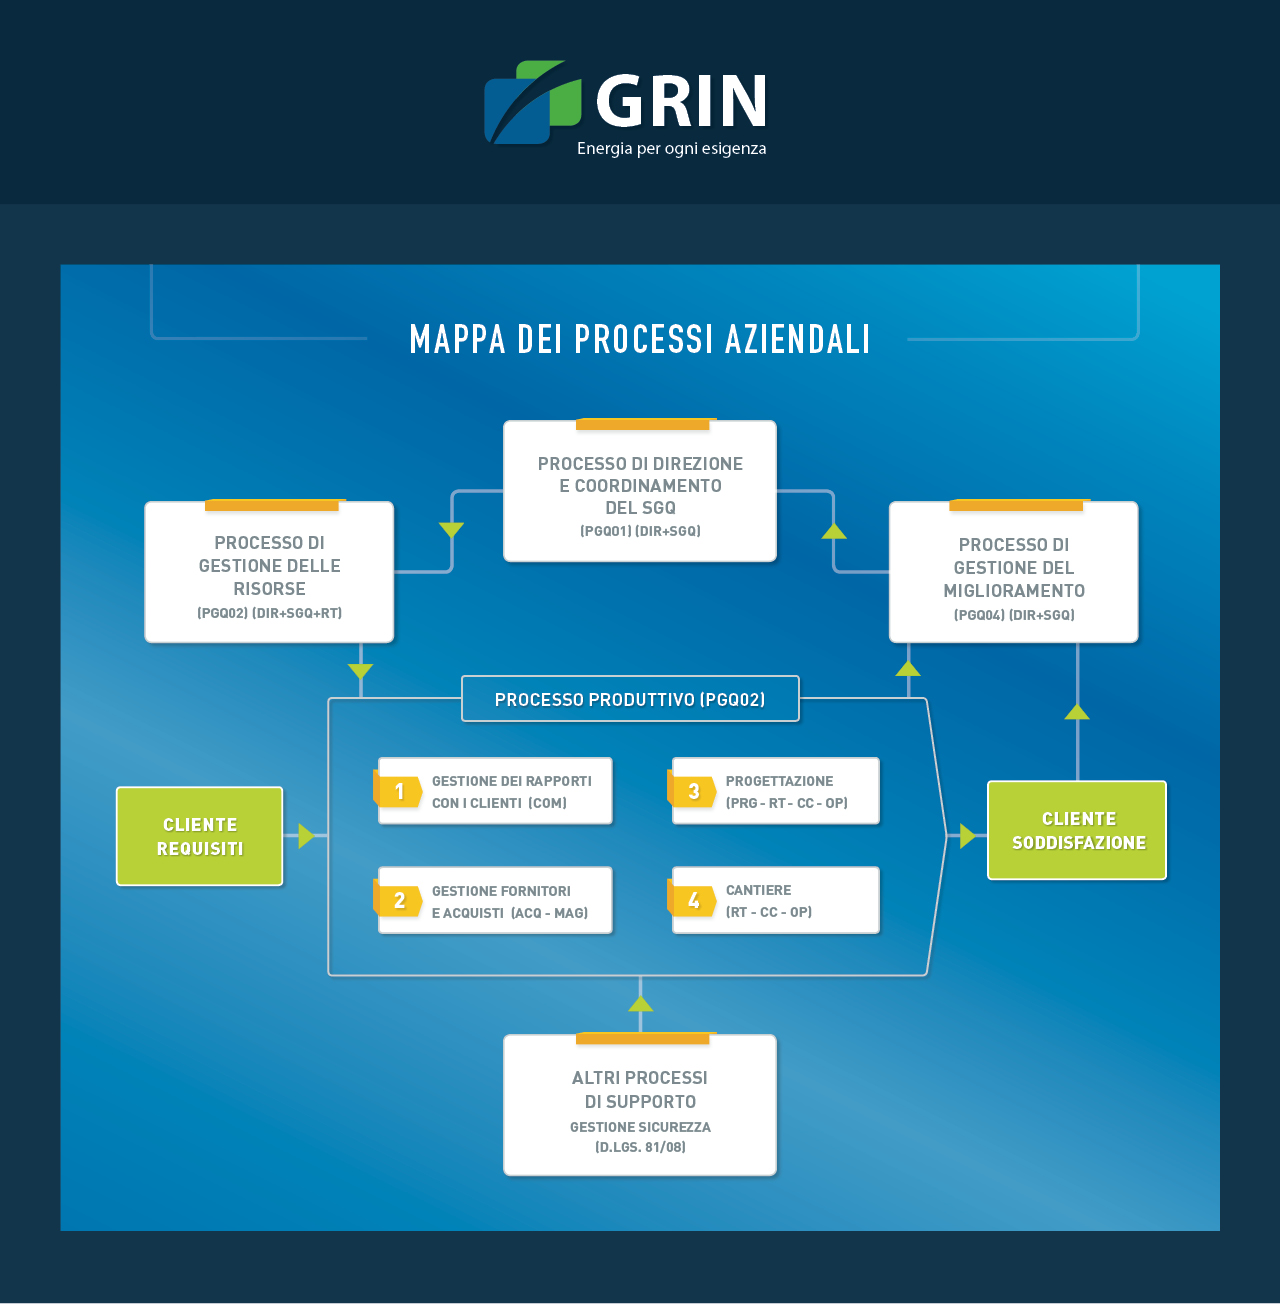 mappa-processi-aziendali-grin